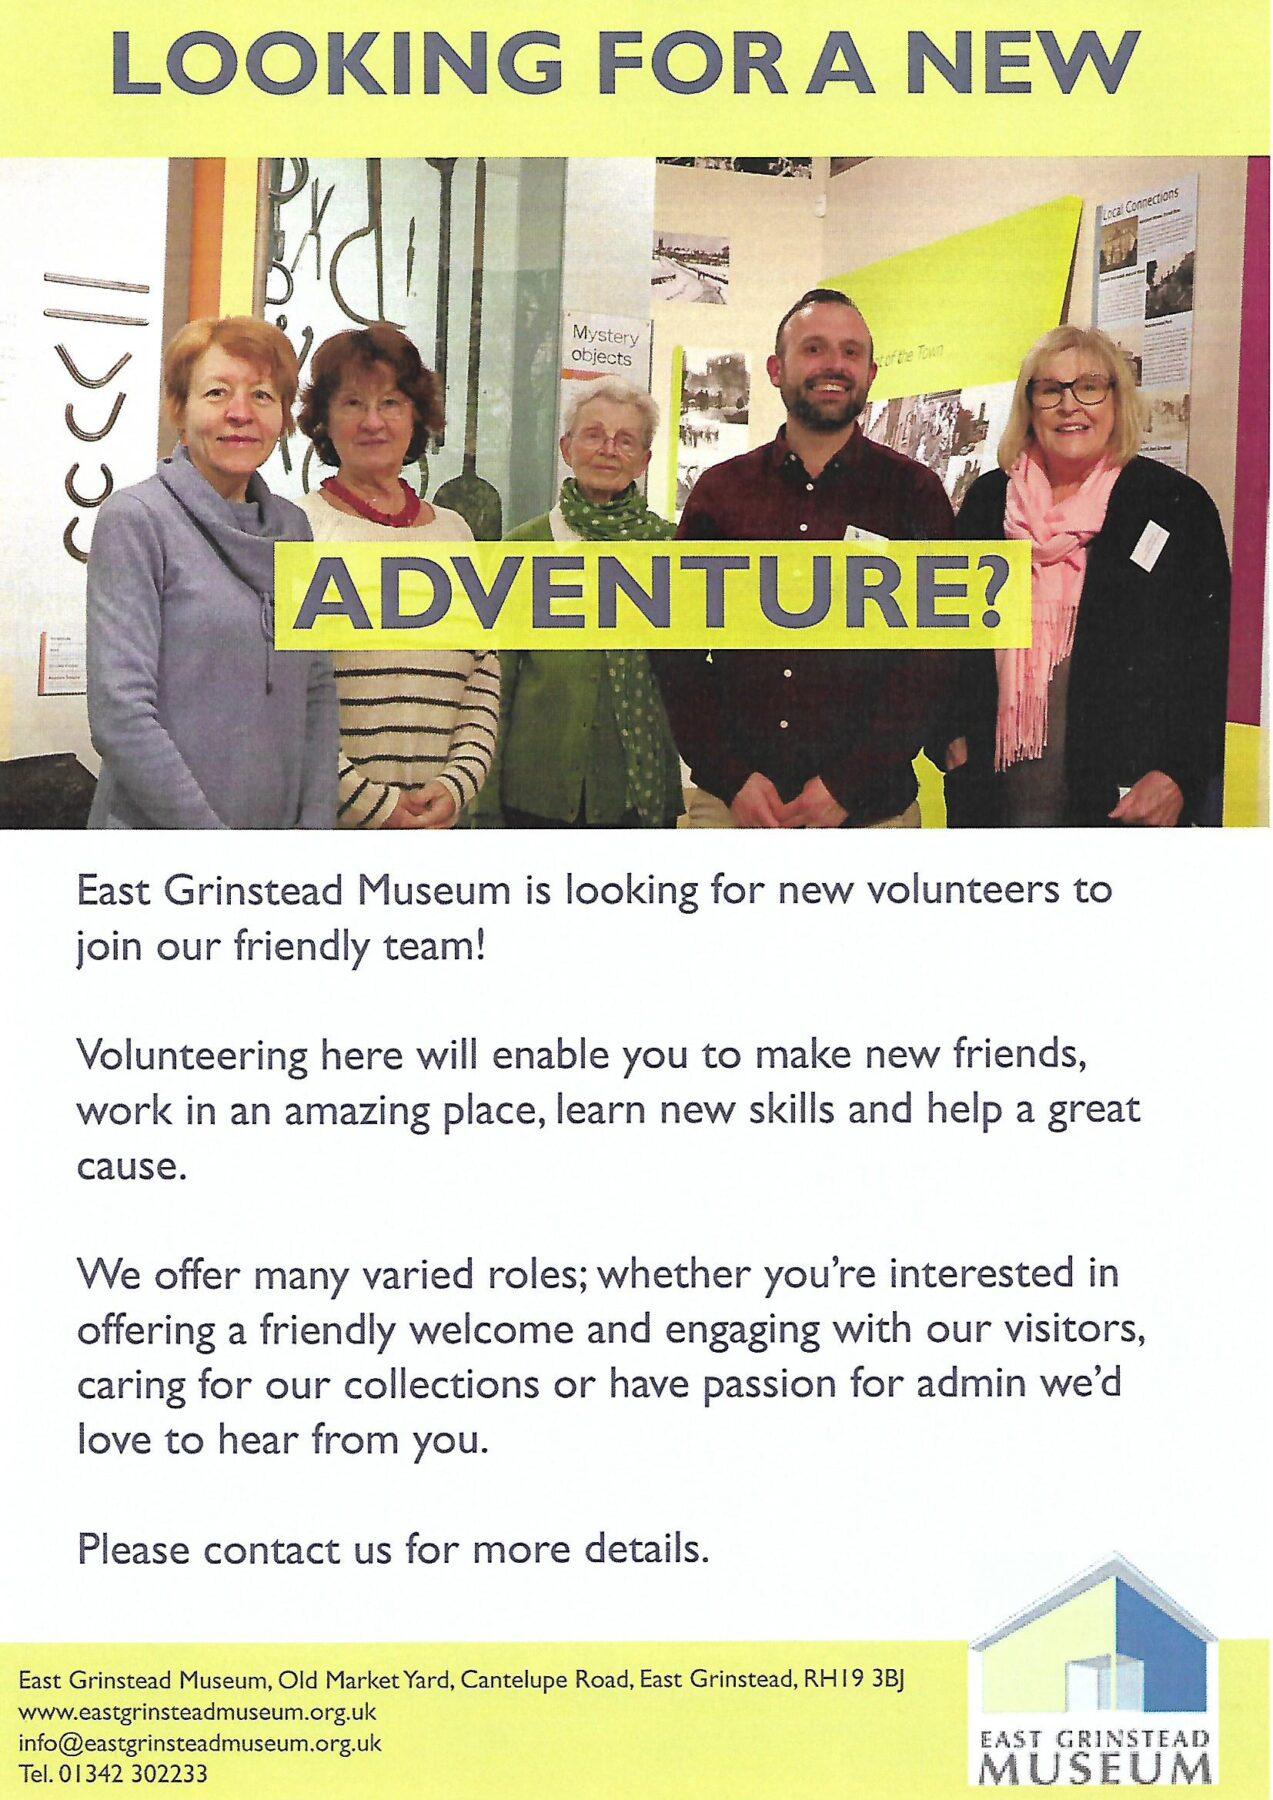 East Grinstead Museum – New Volunteers